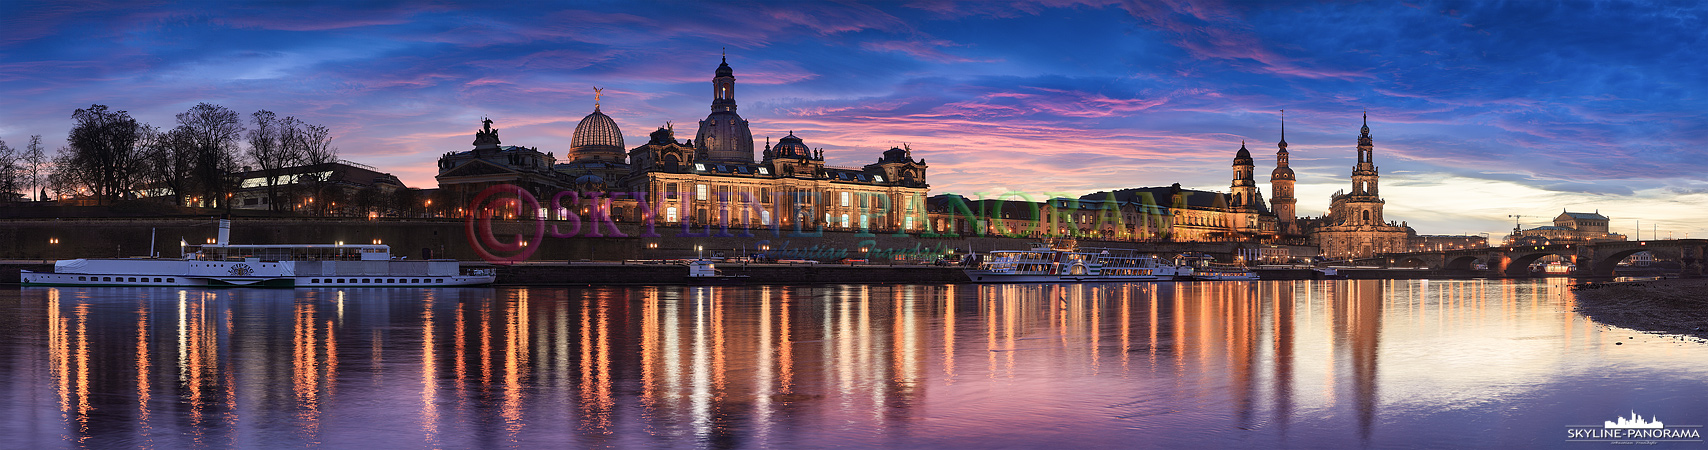 Bilder von Dresden - Das abendliche Panorama auf die Altstadt von Dresden vom Elbufer zwischen der Carolabrücke und der Augustusbrücke gesehen.